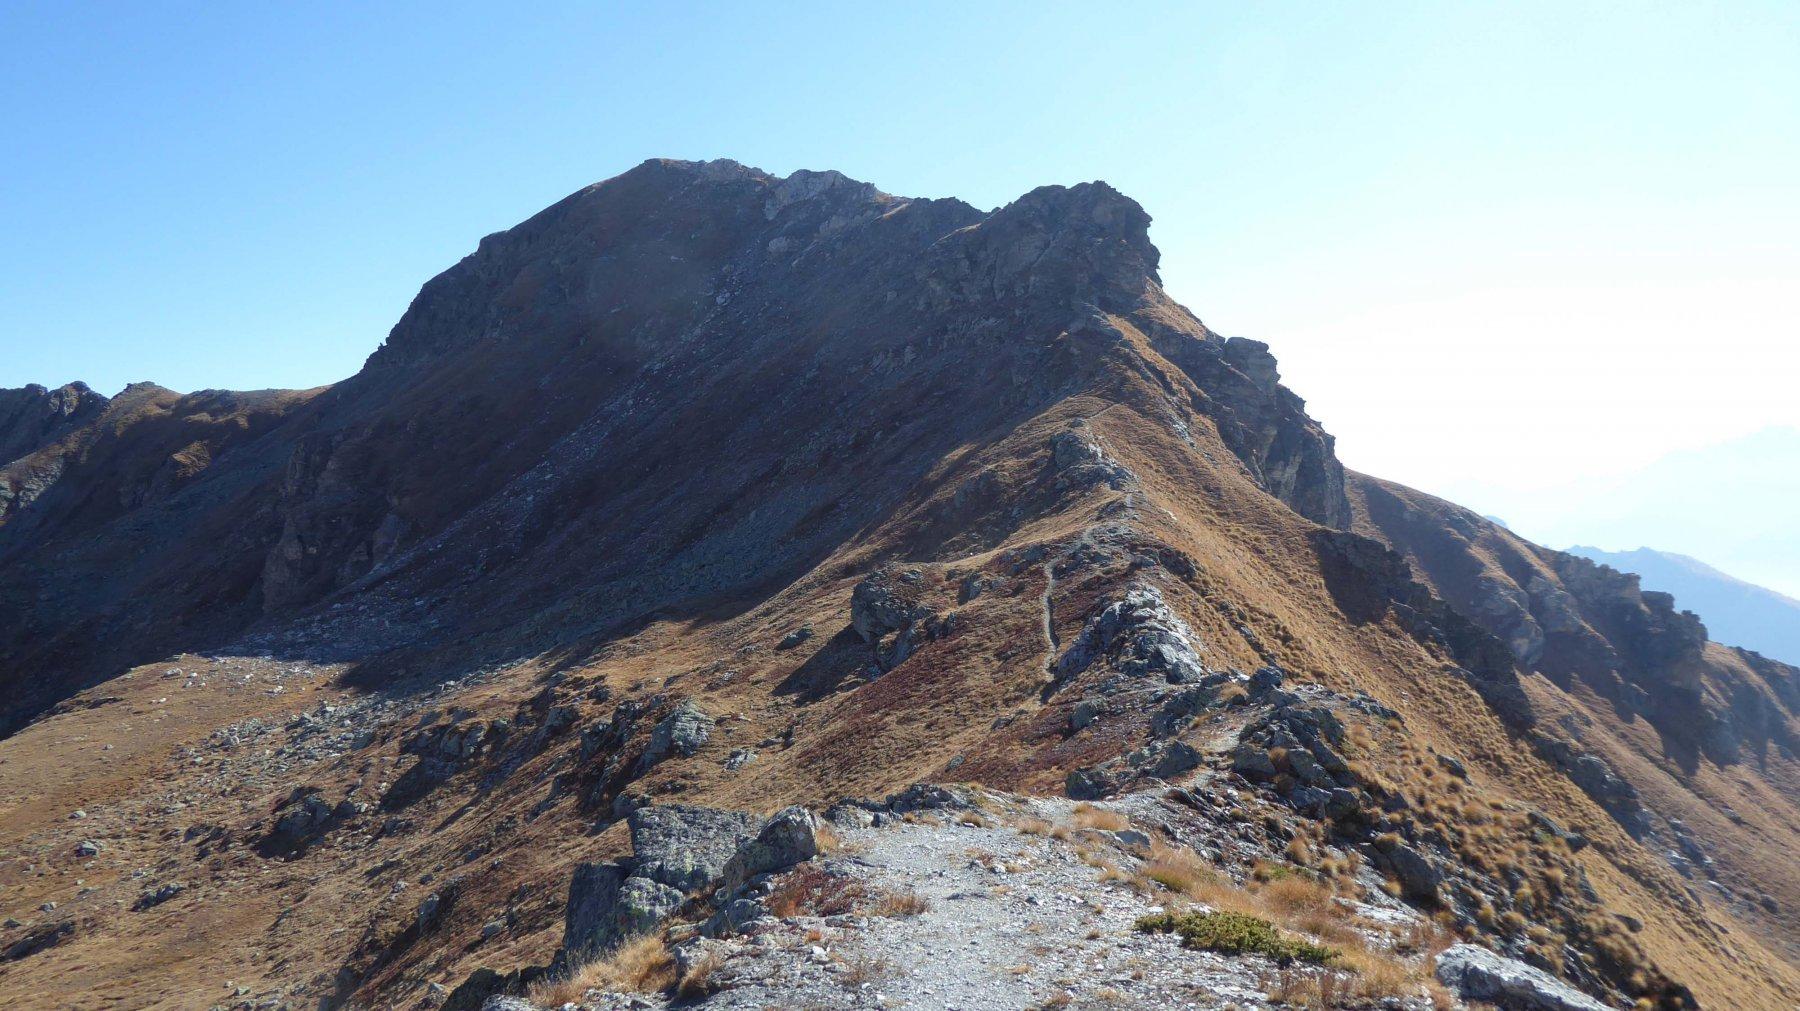 La cresta di salita al M. Morion   2709 m.